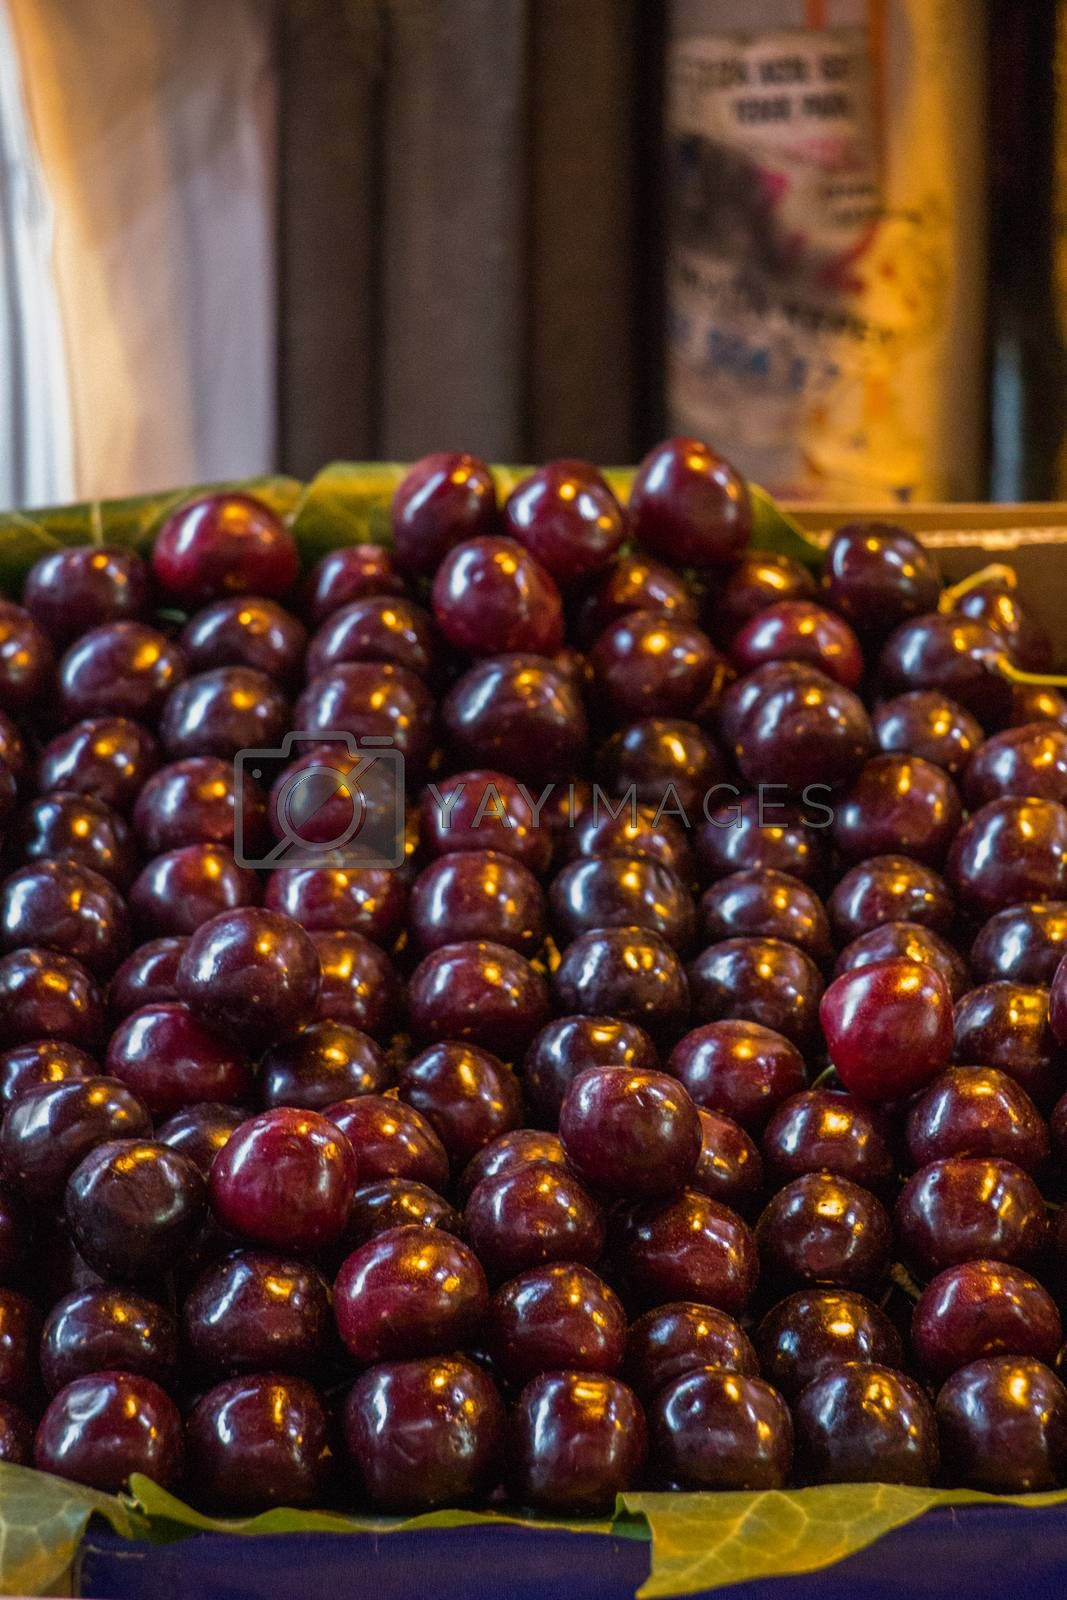 Cherries in a Turkish street bazaar in view